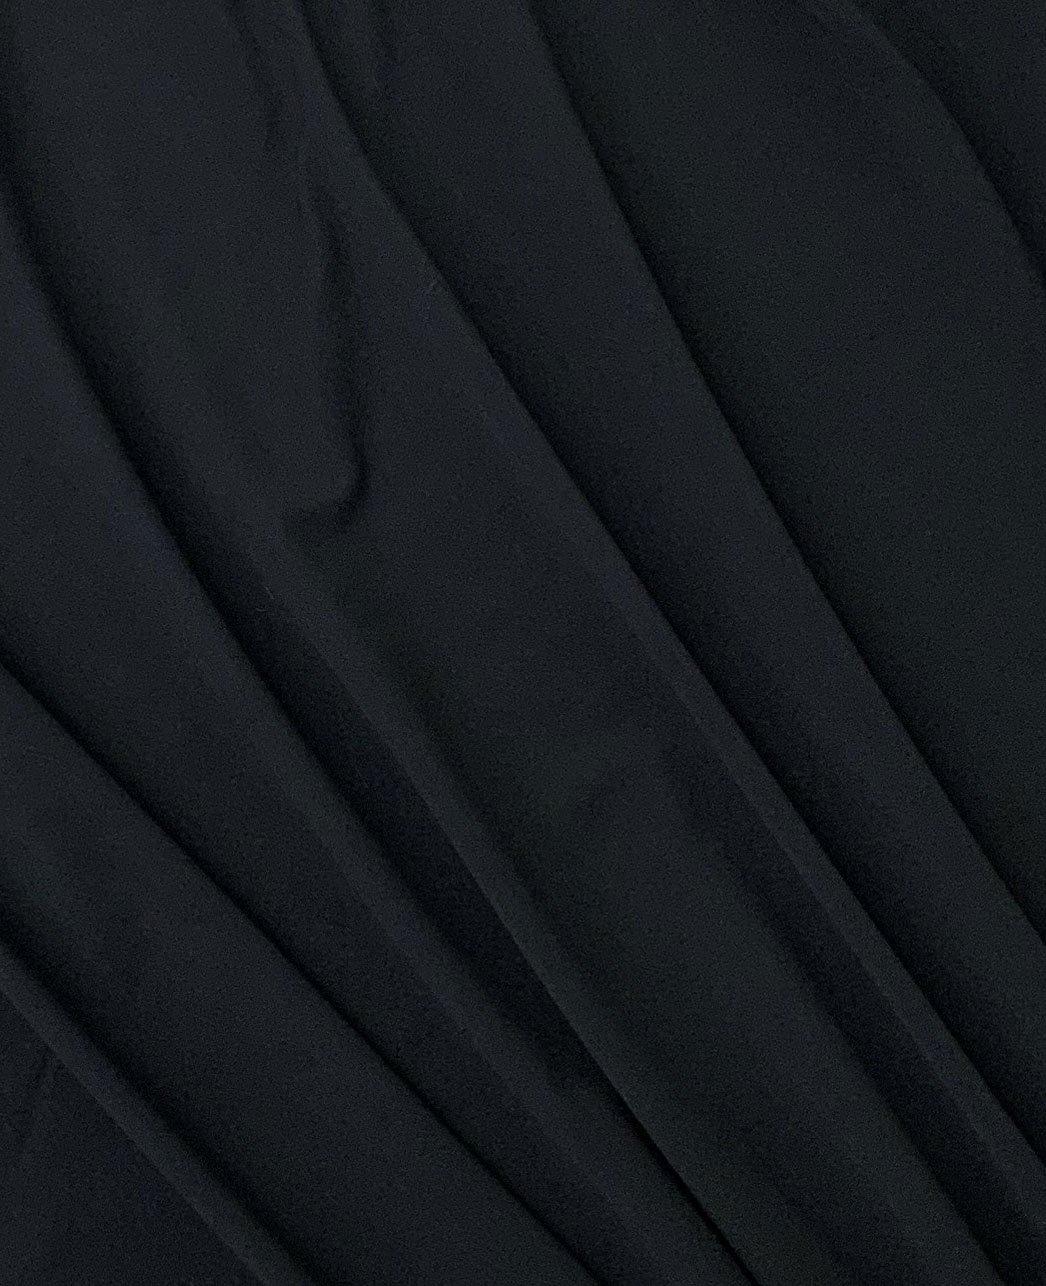 Black Poly Spandex Swimwear